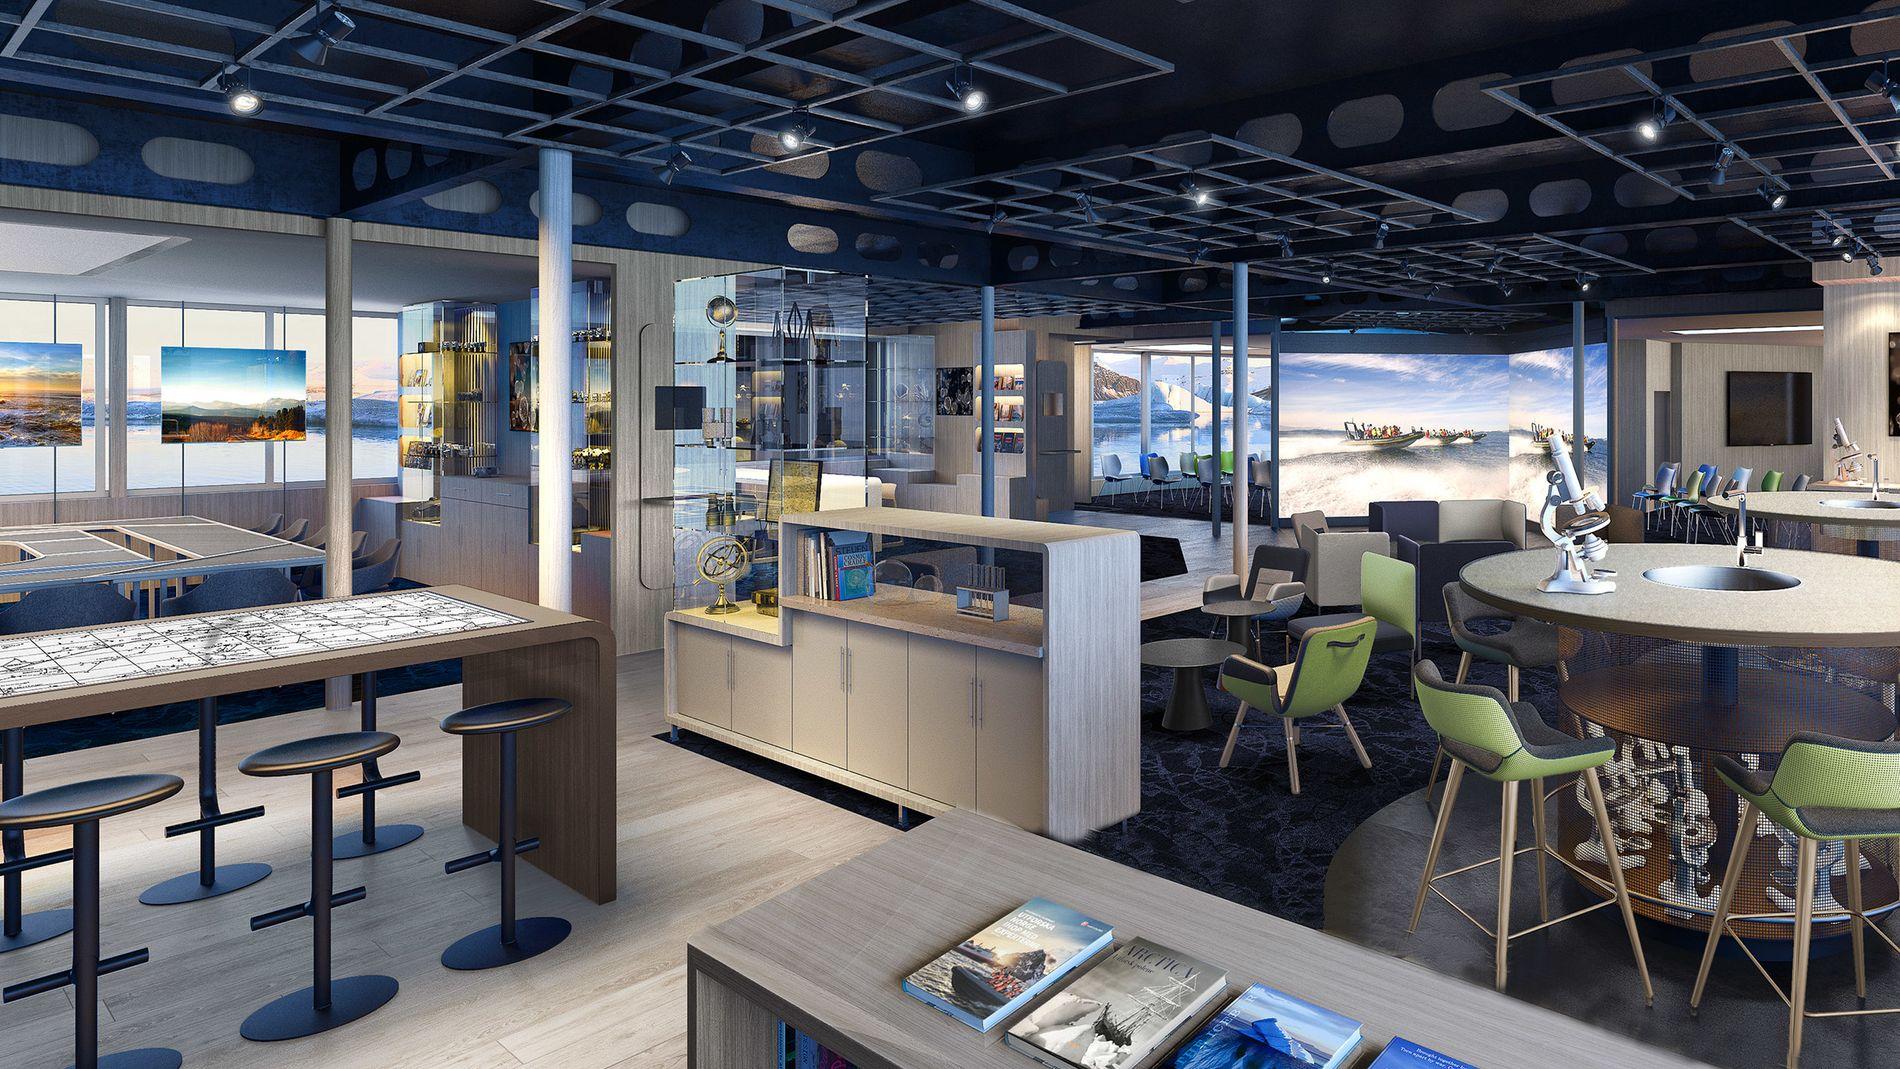 Ombord på det nye hybrid ekspedisjonsskipet MS Fridtjof Nansen til Hurtigruten er det laget plass til et eget «Nansen Vitenskapssenter»